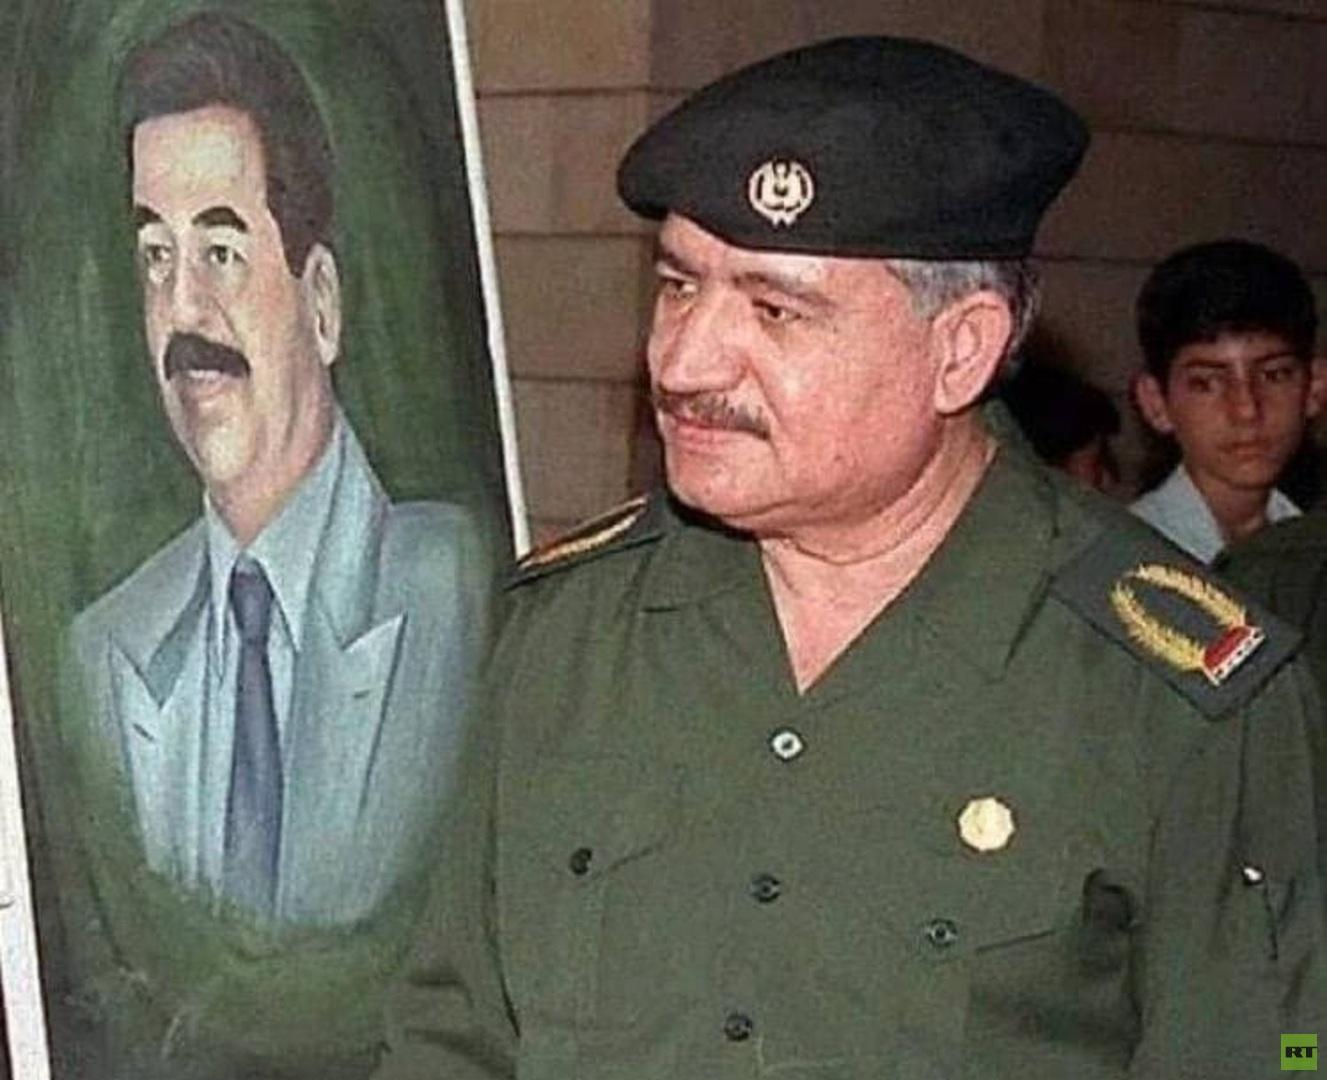 لطيف نصيف جاسم، وزير الإعلام في نظام صدام حسين